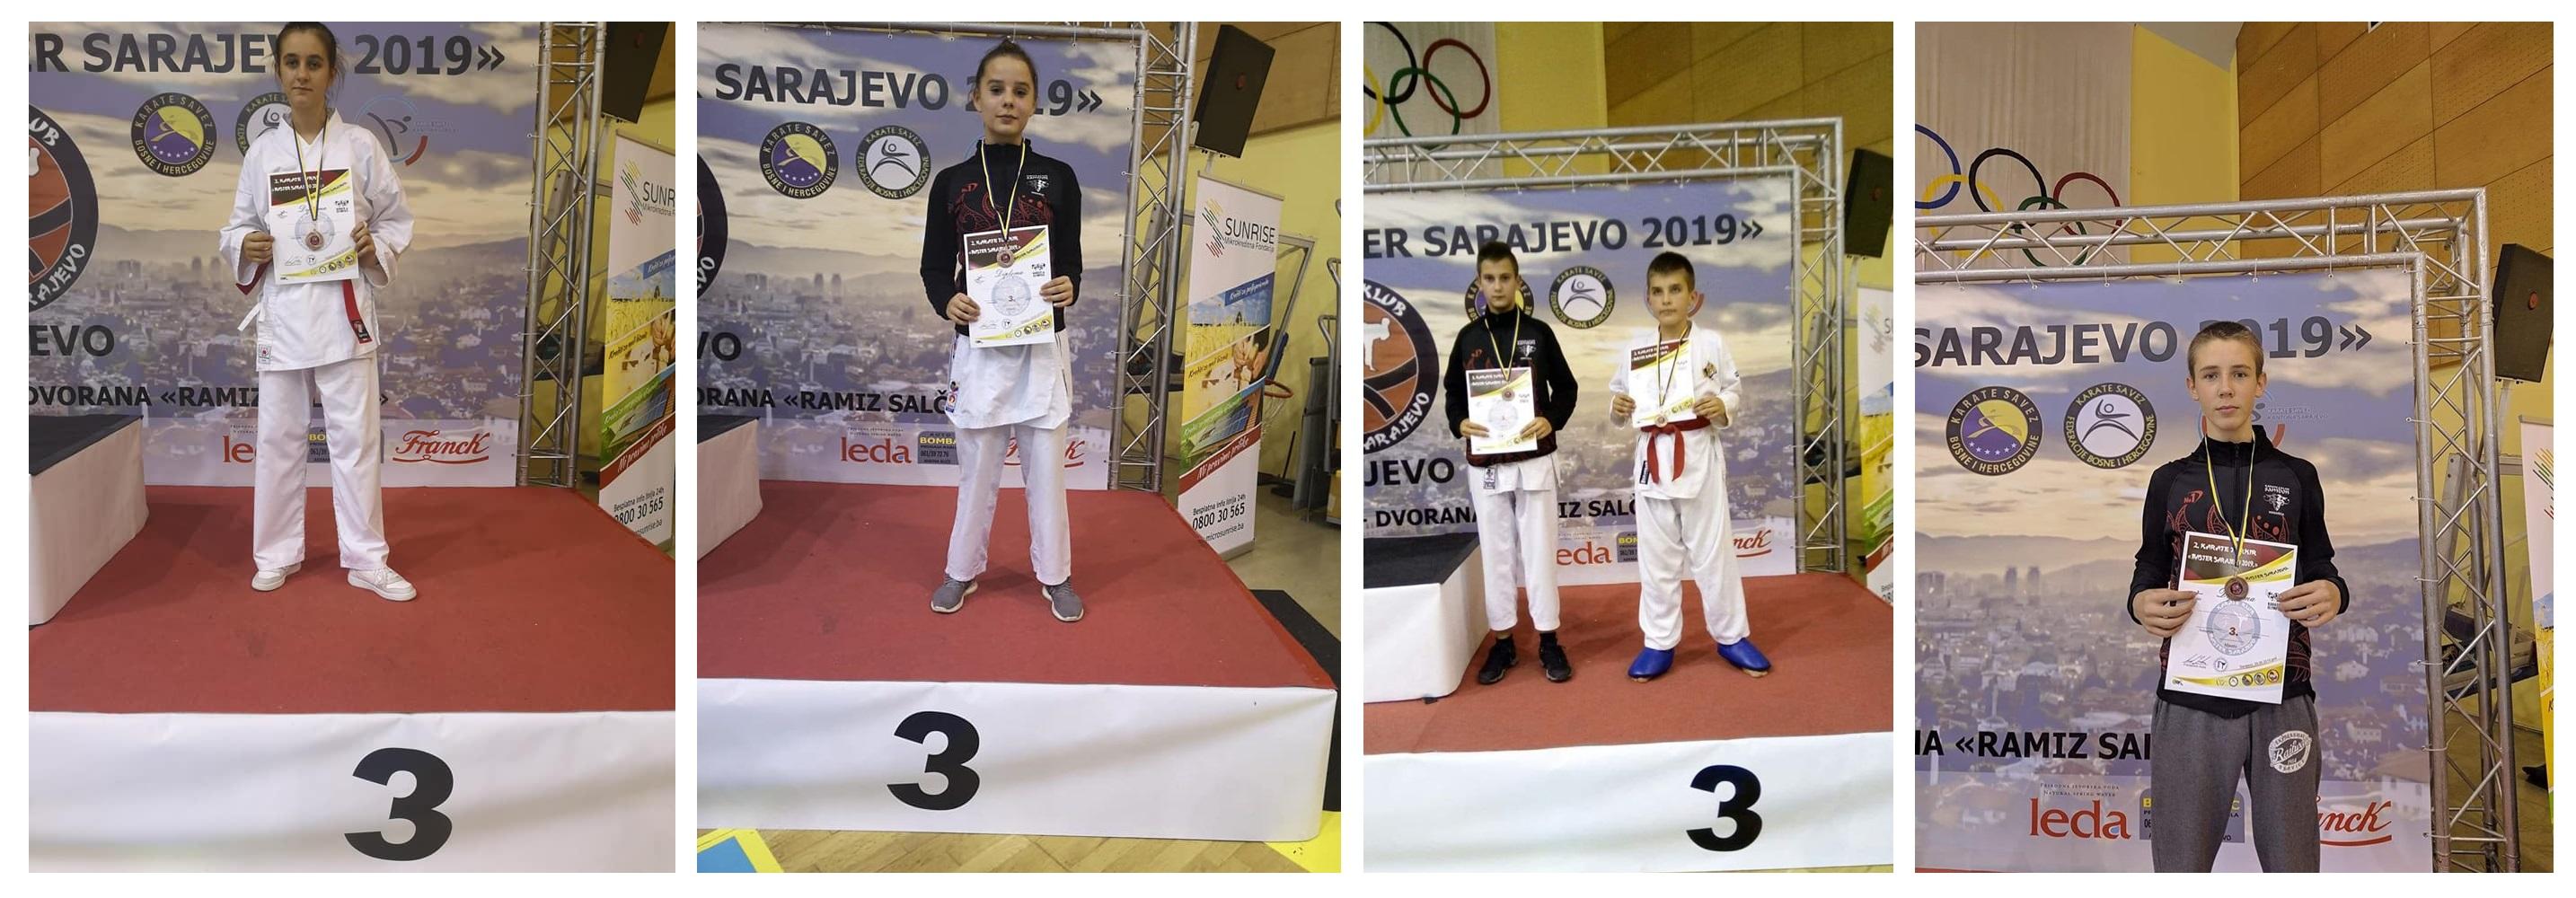 Karate-Master-Sarajevo-03